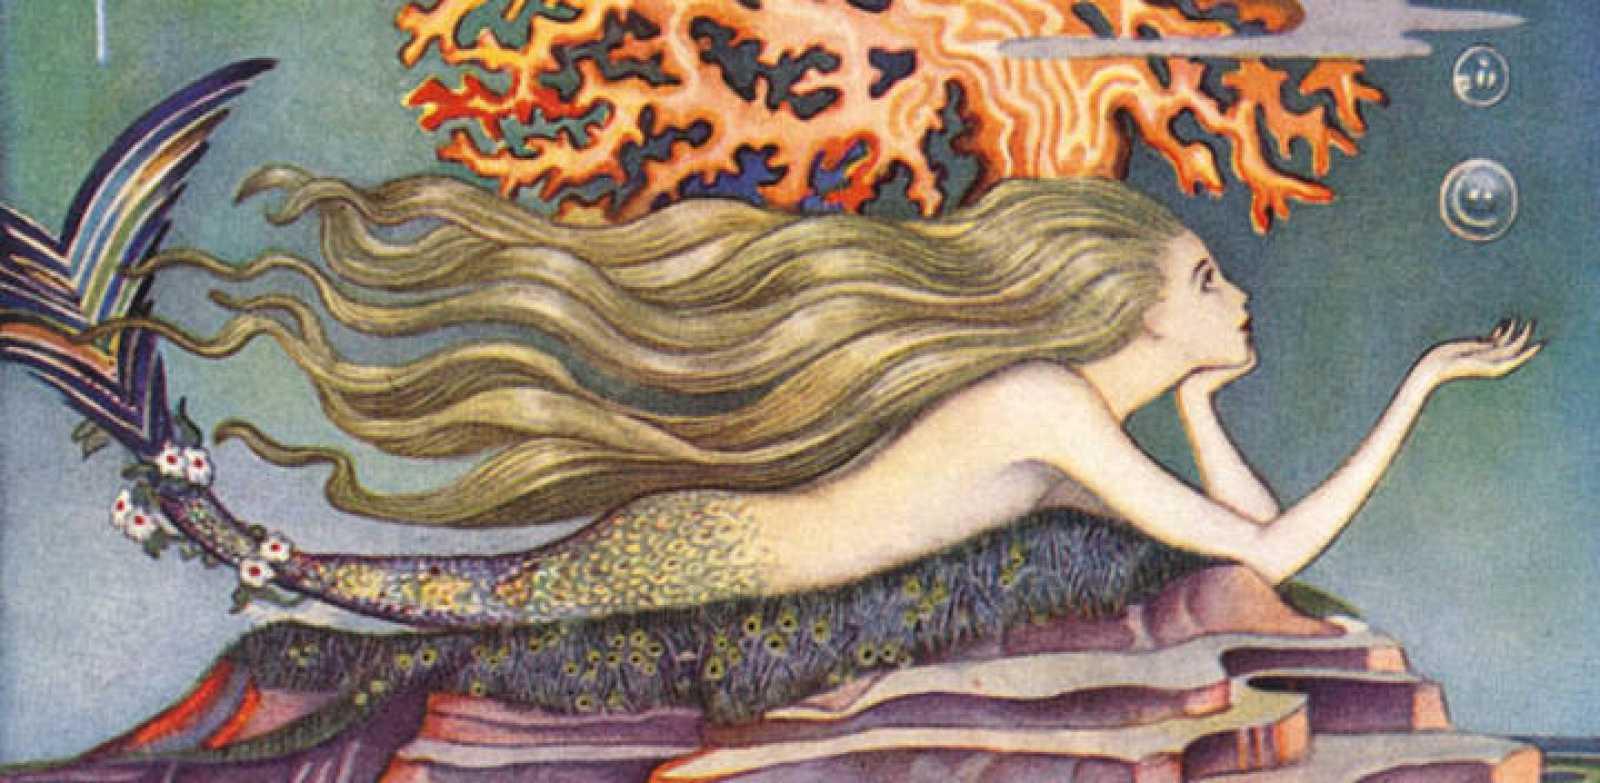 Fragmento de una ilustración para 'La Sirenita', de la artista británica Jennie Harbour, 1932.